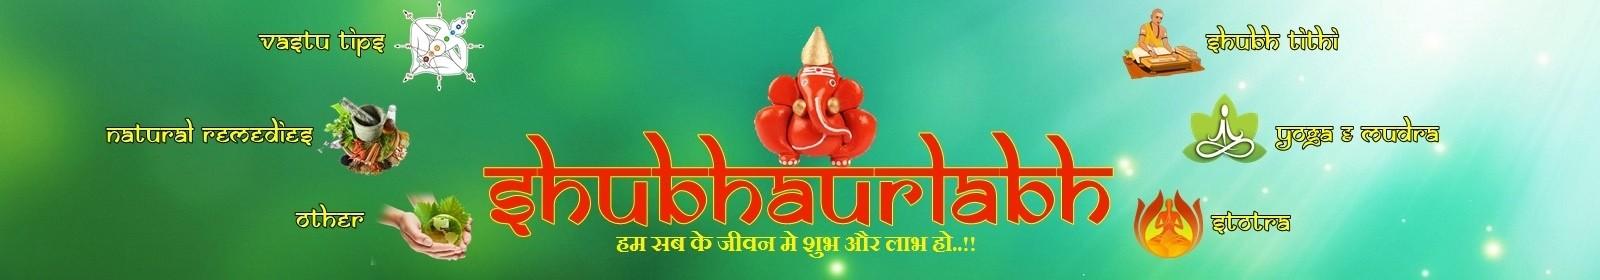 ShubhAurLabh